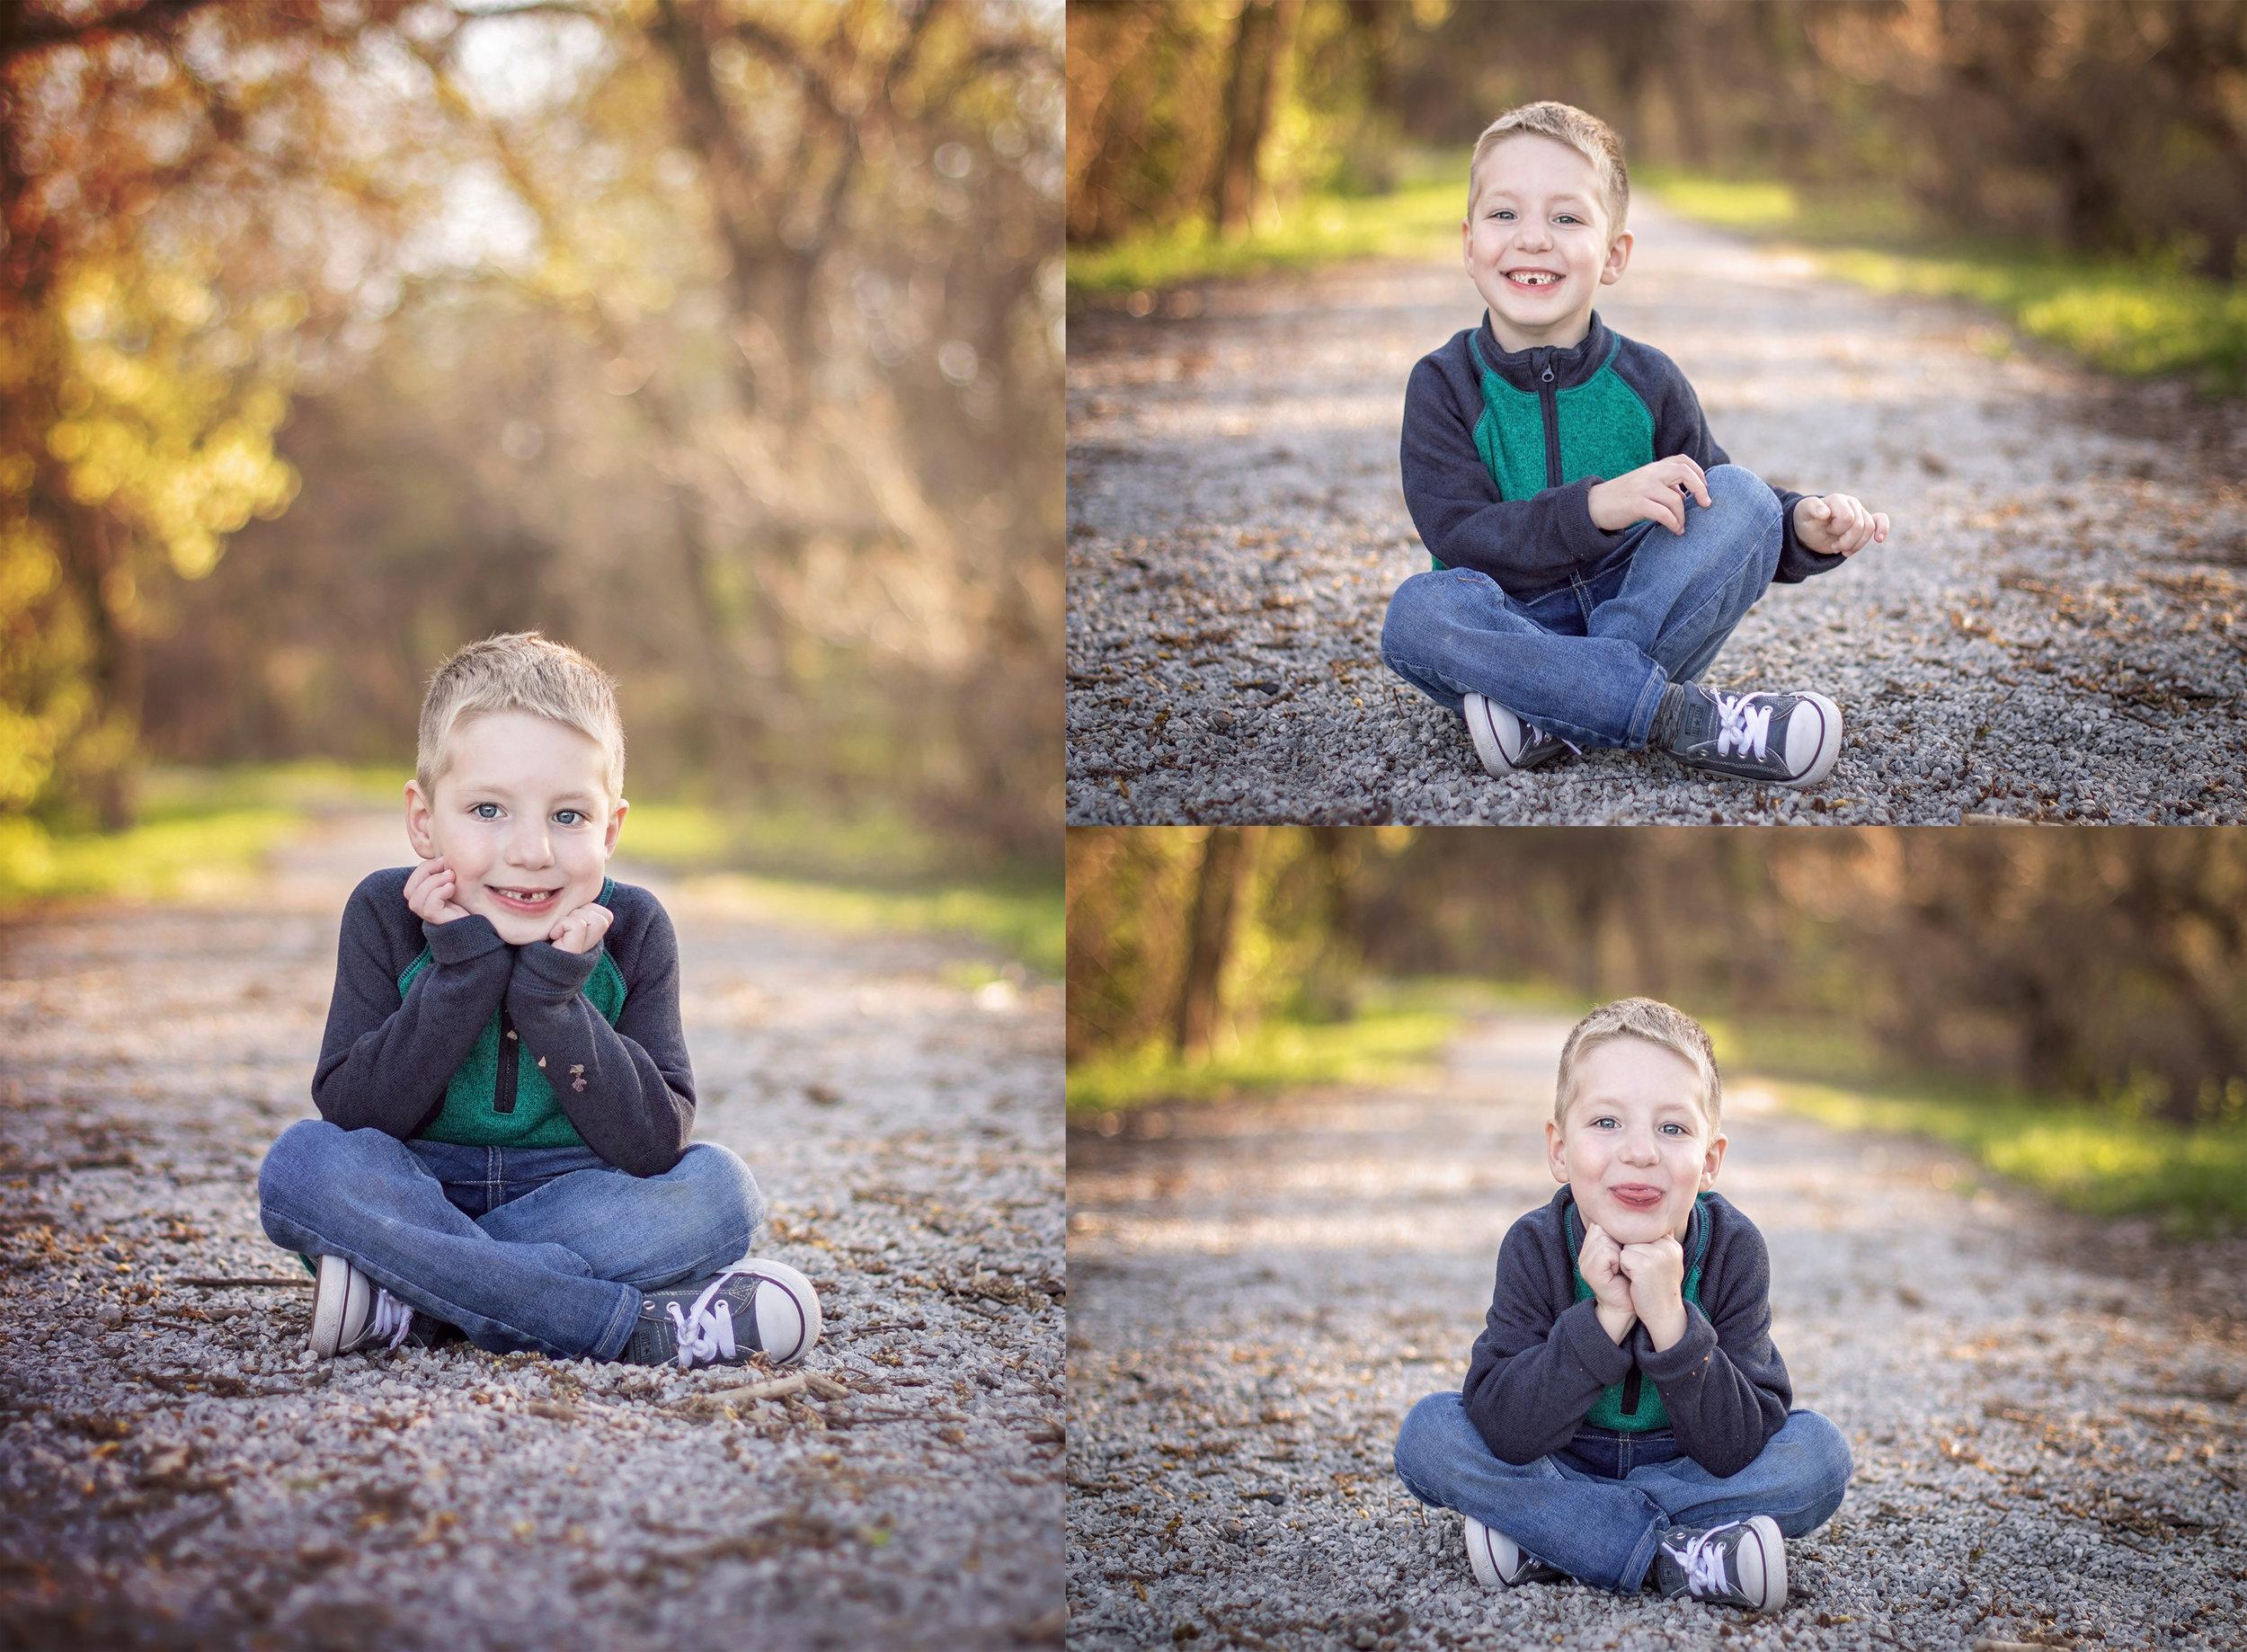 Chase_birthdayphoto.jpg